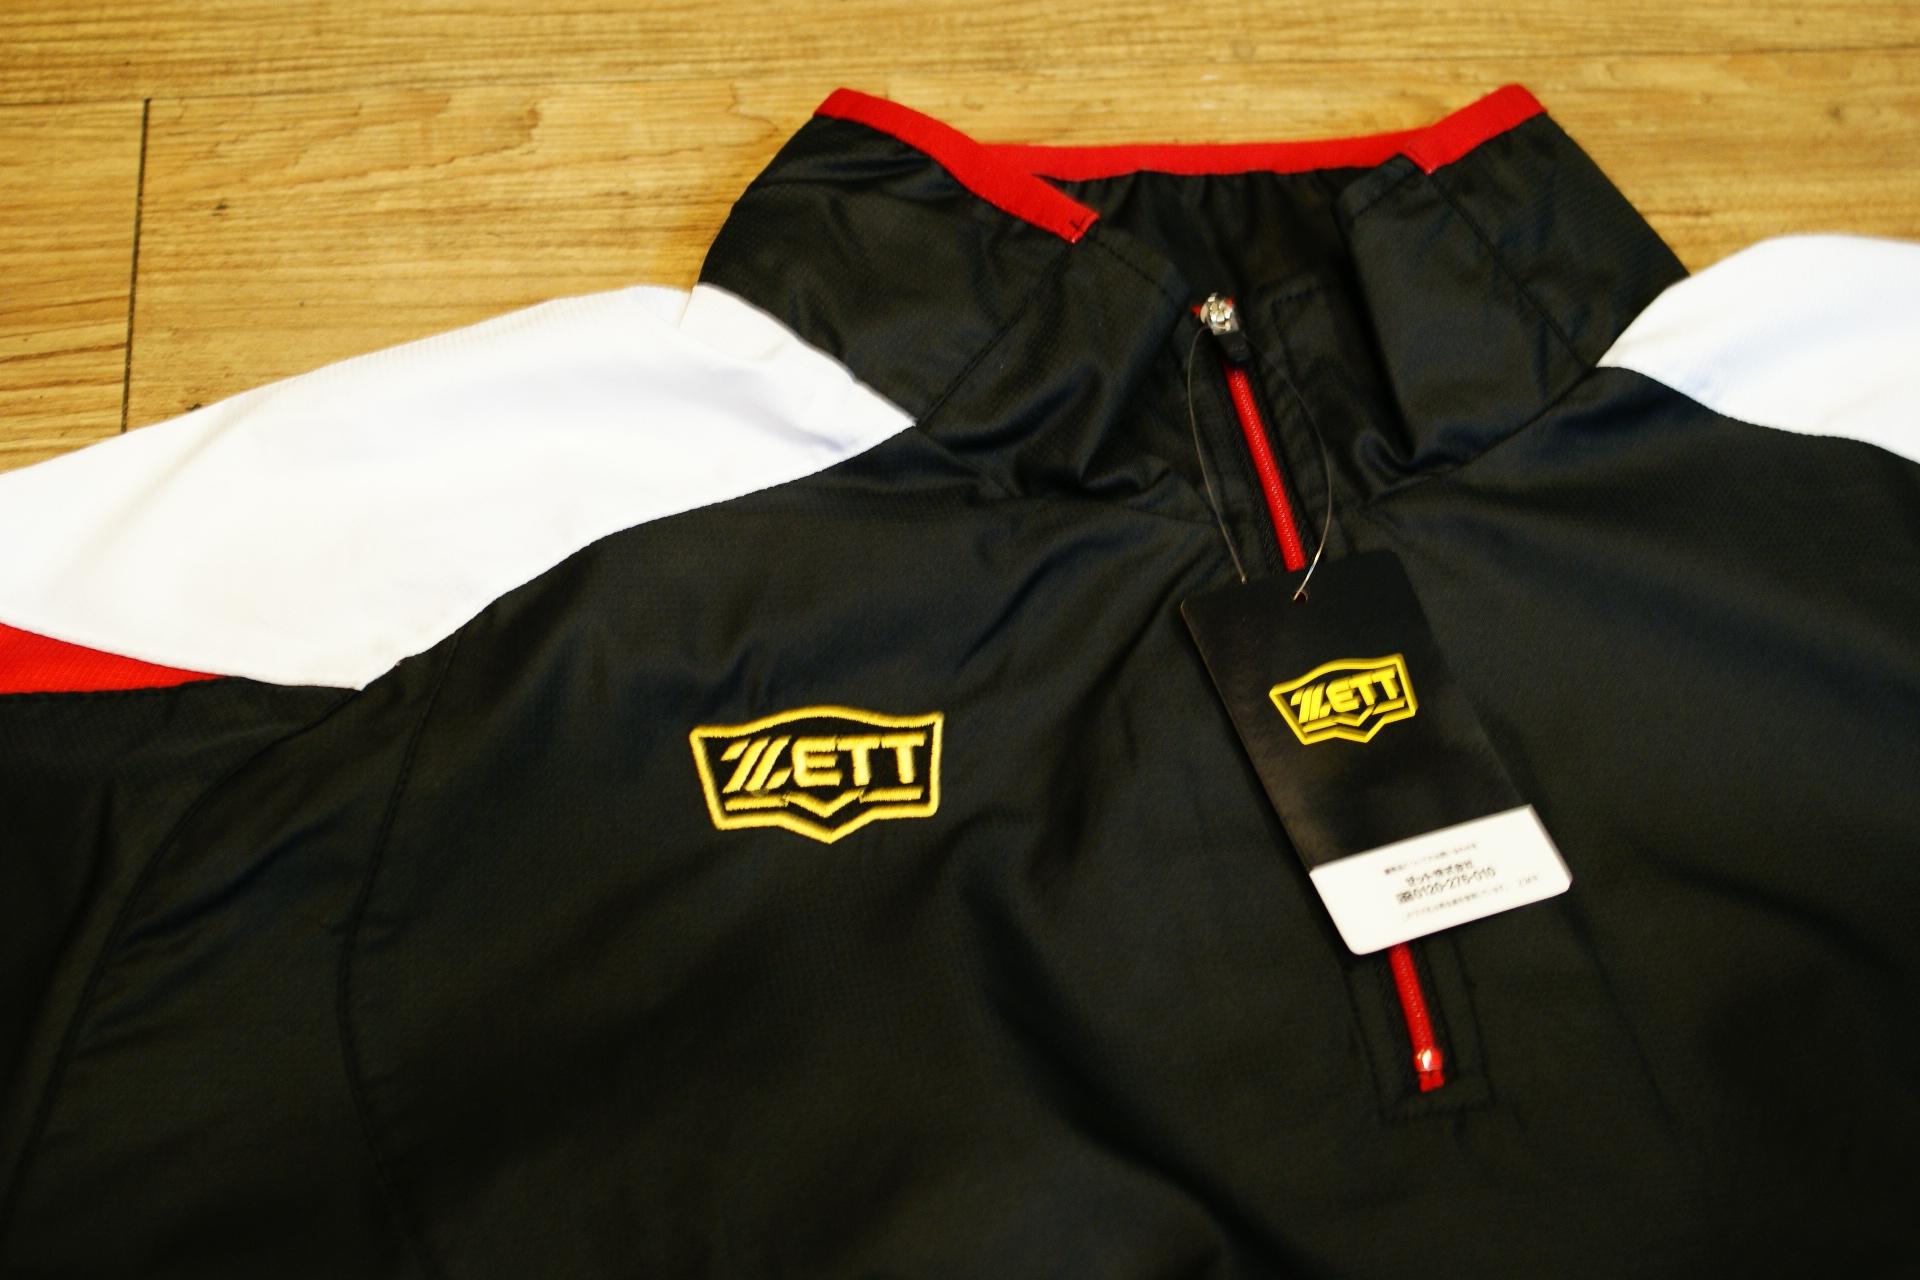 棒球世界 全新ZETT日本進口短袖風衣 特價 新本壘版標